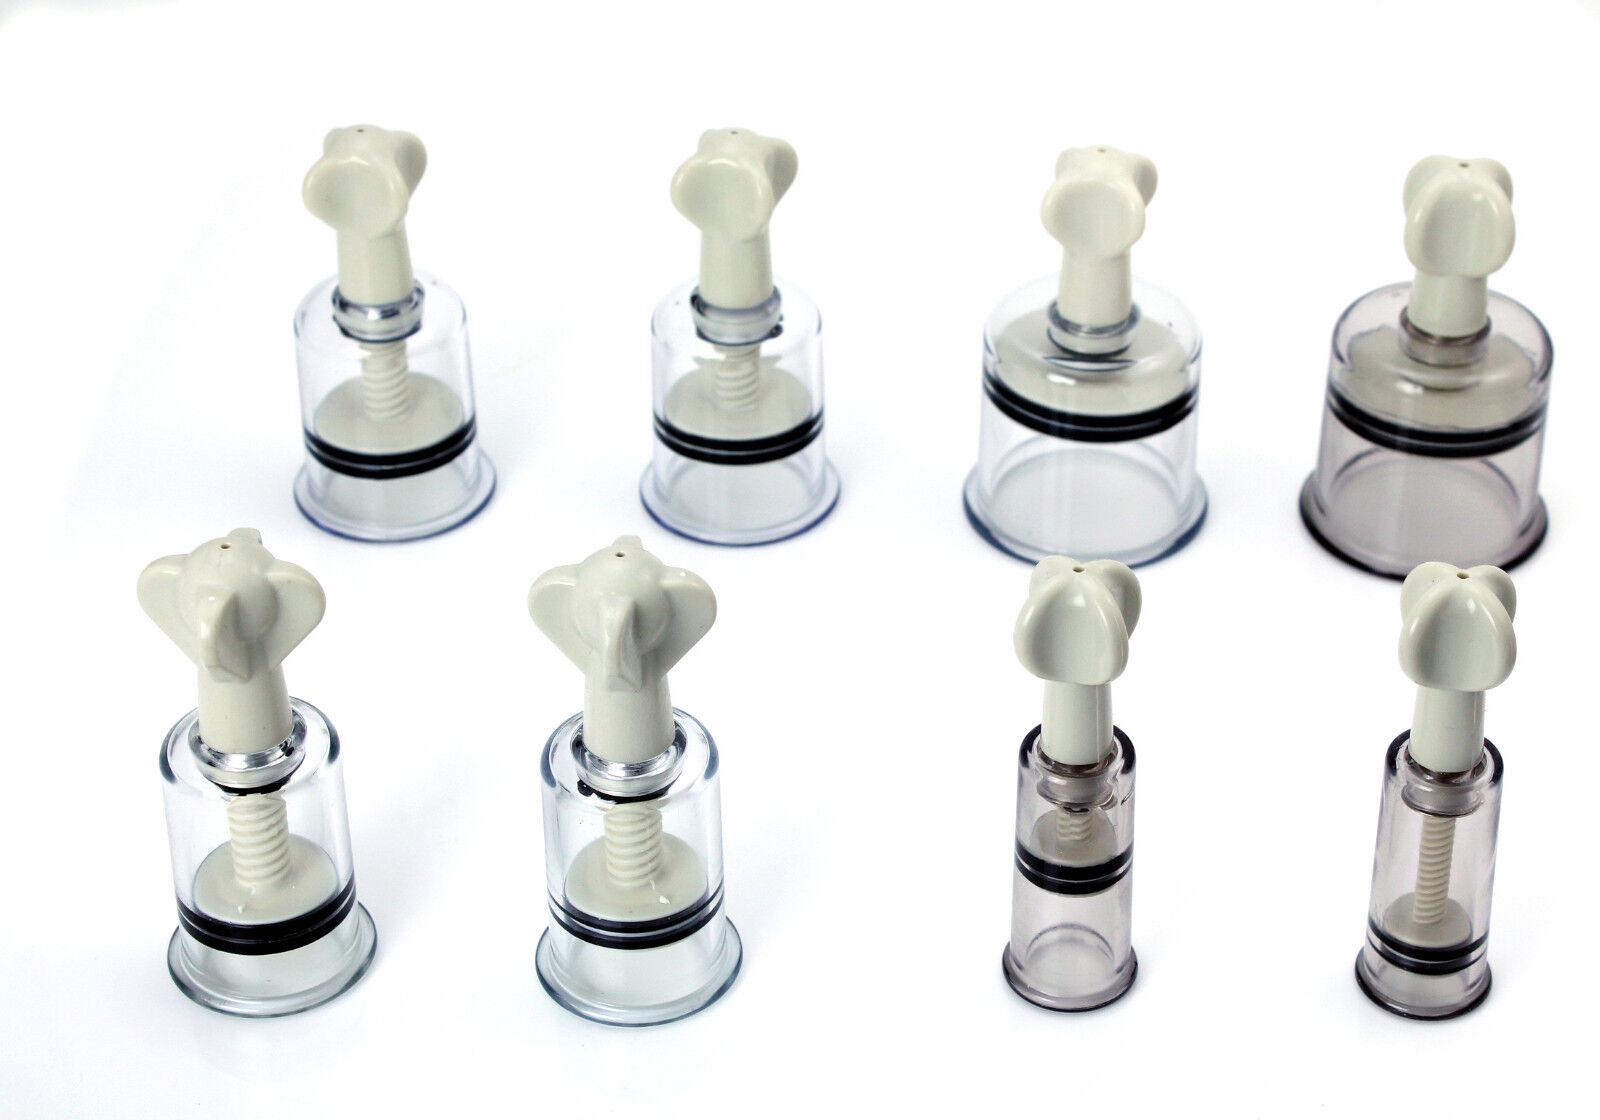 Stillhilfe Nippel Pumpe Brust warzen Sauger Nippelsauger Stimmulation 20 - 50 mm